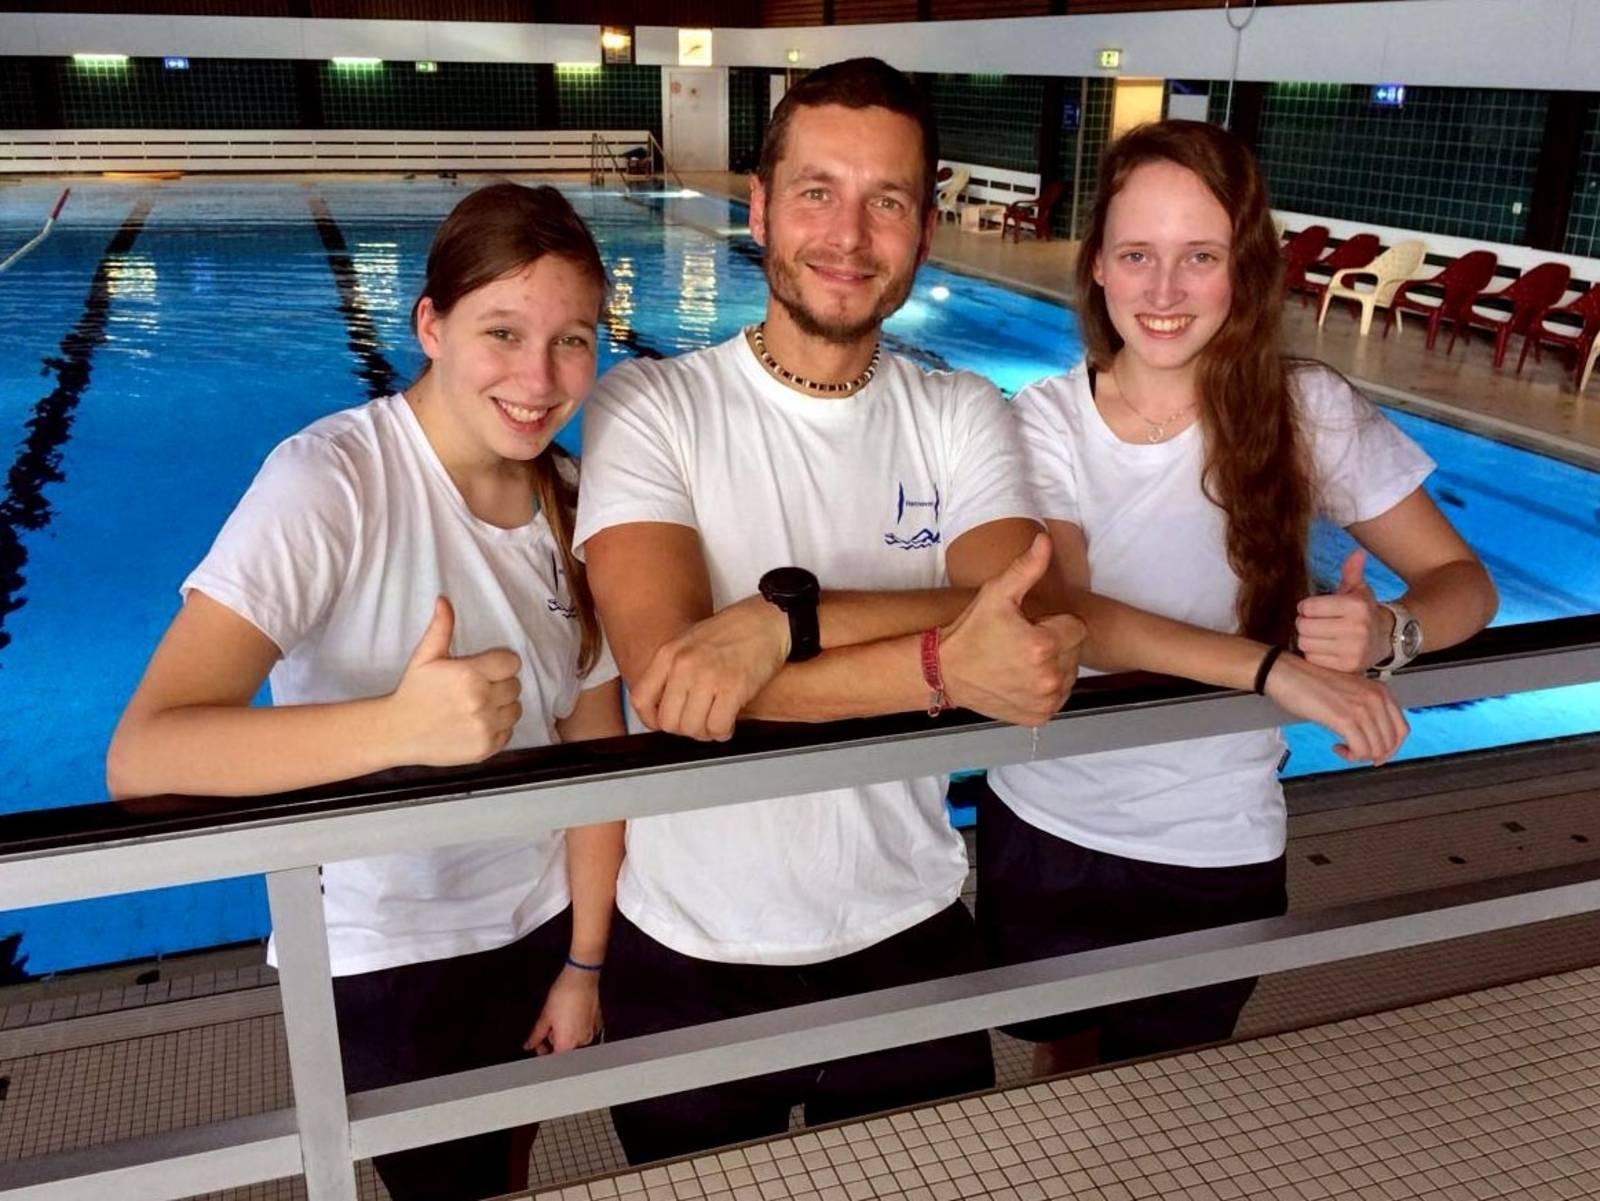 Zwei Frauen und ein Mann in einer Schwimmhalle.